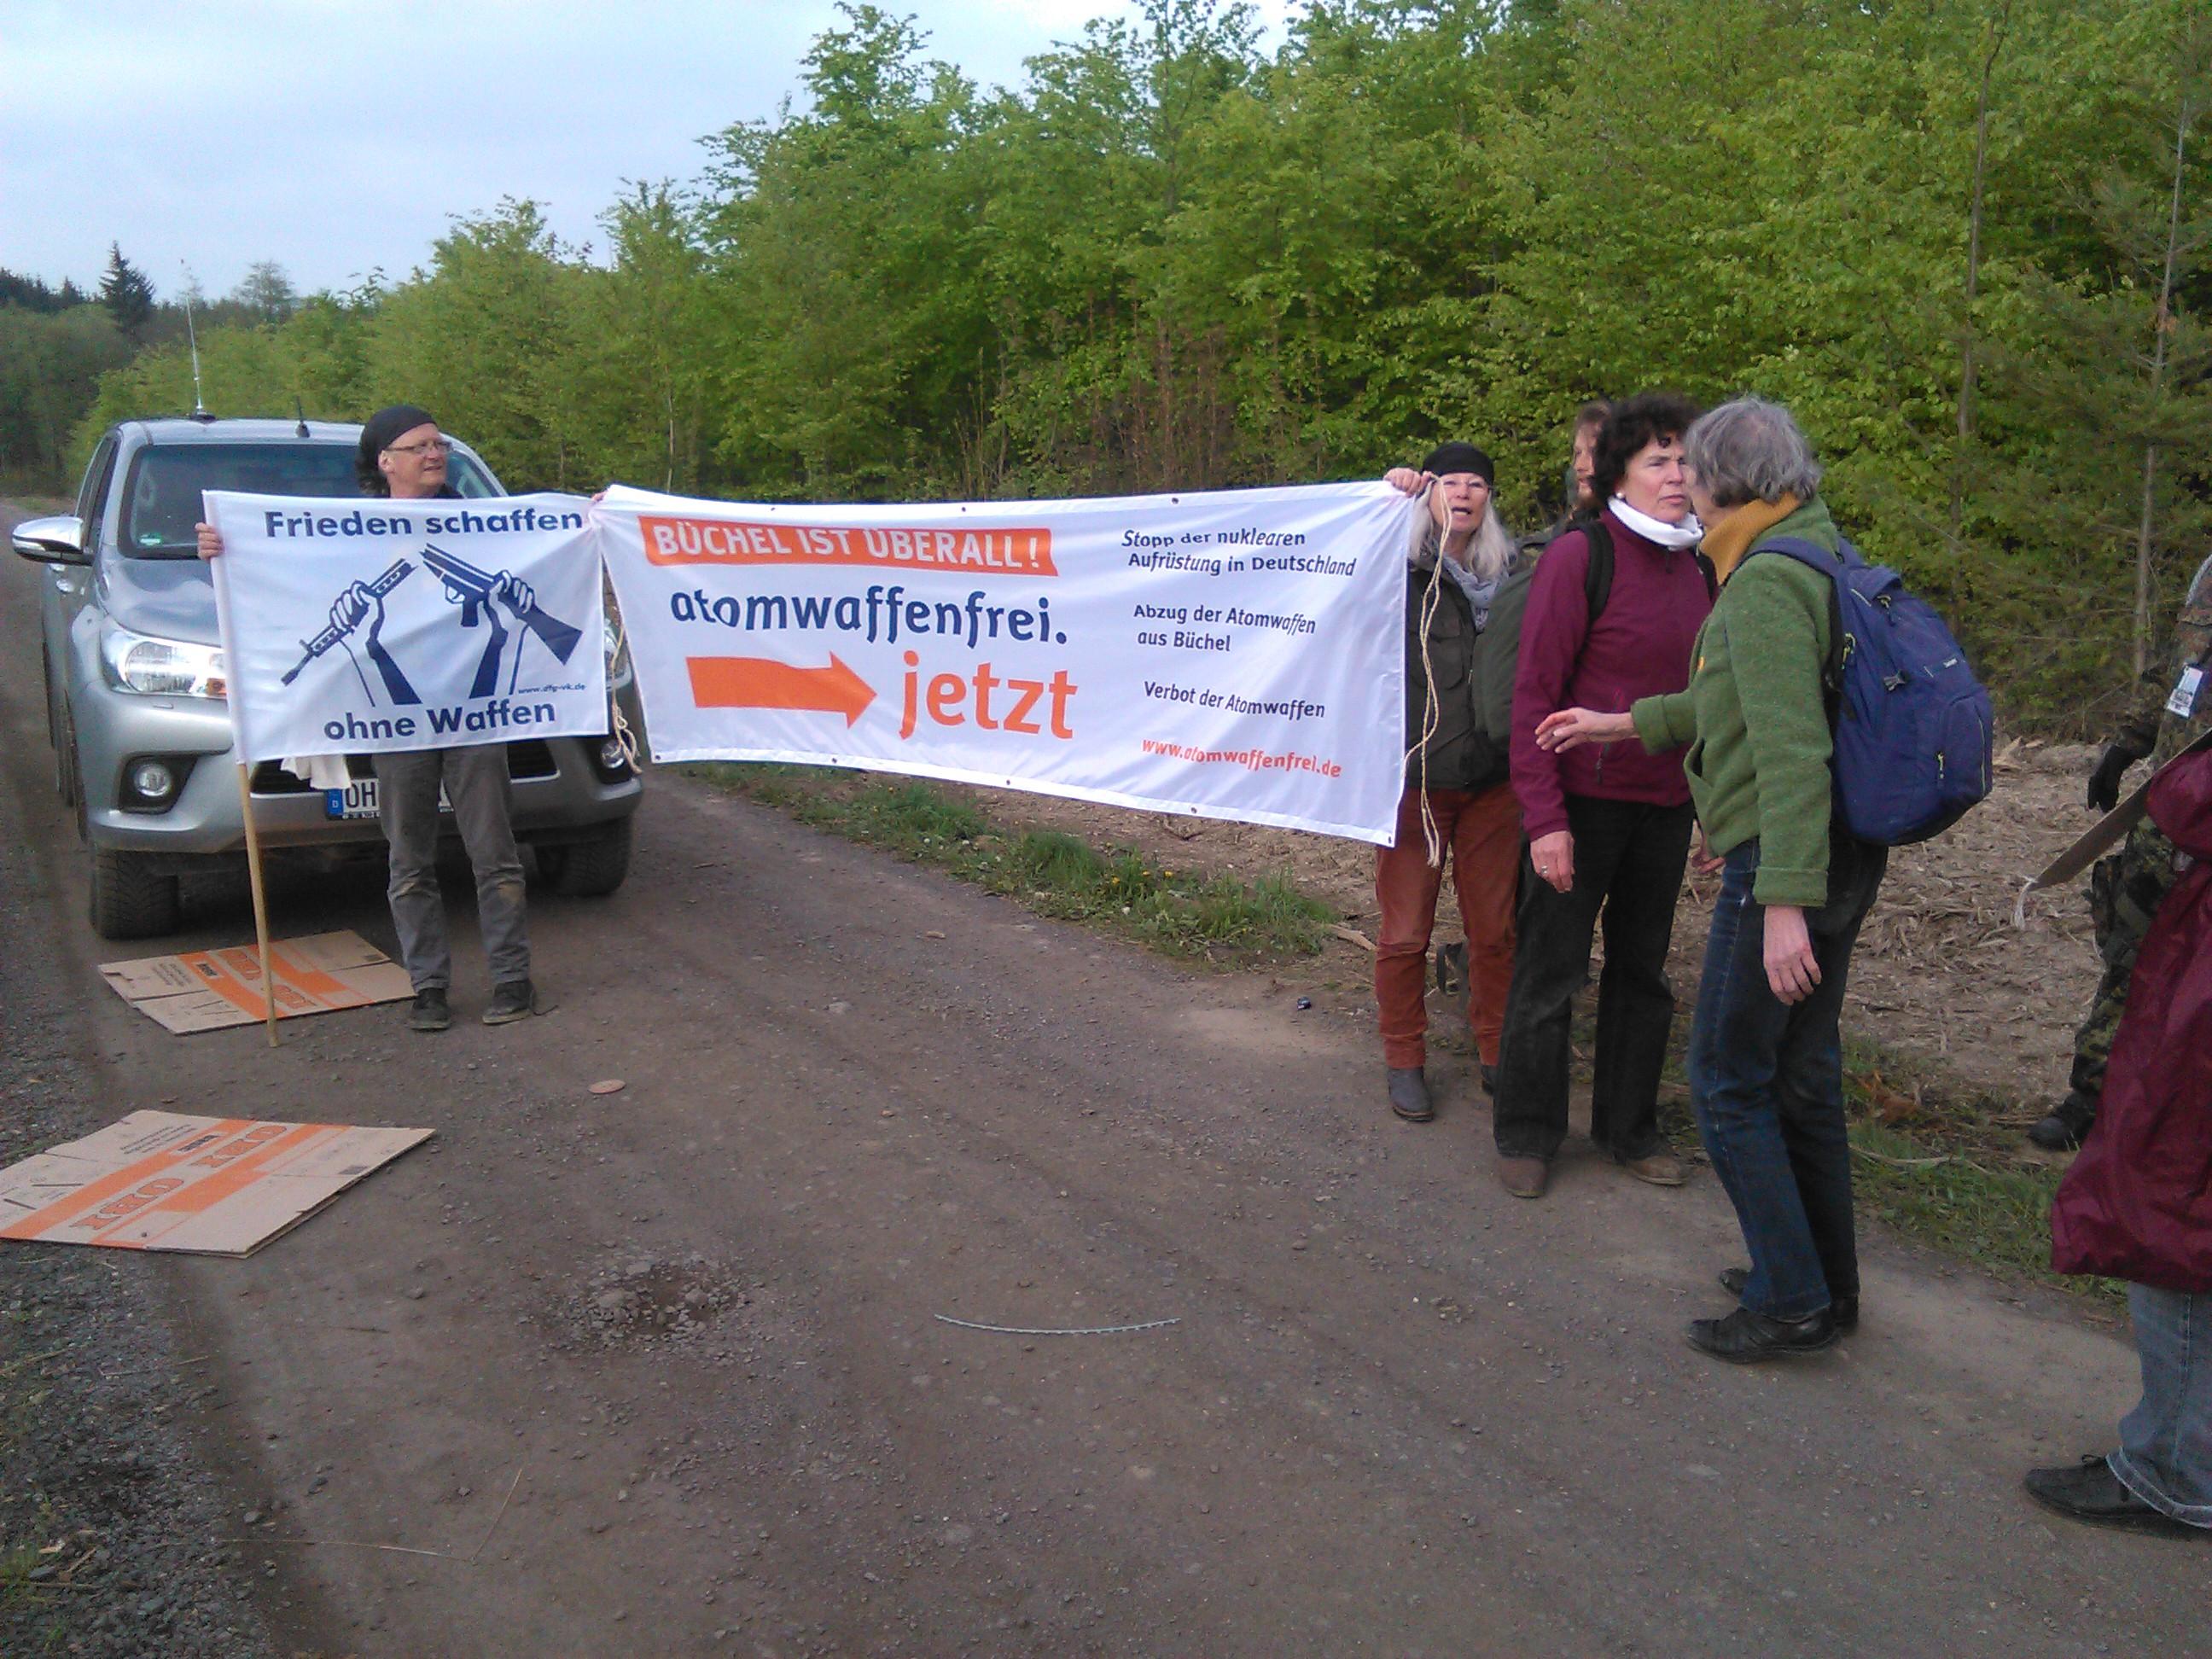 """Eine Gruppe hält auf einer Fahrpiste Transparente """"Frieden schaffen ohne Waffen"""" und """"Büchel ist überall - Atomwaffenfrei jetzt!"""". Ganz rechts im Bild steht ein Soldat, der nicht ganz zu sehen ist."""